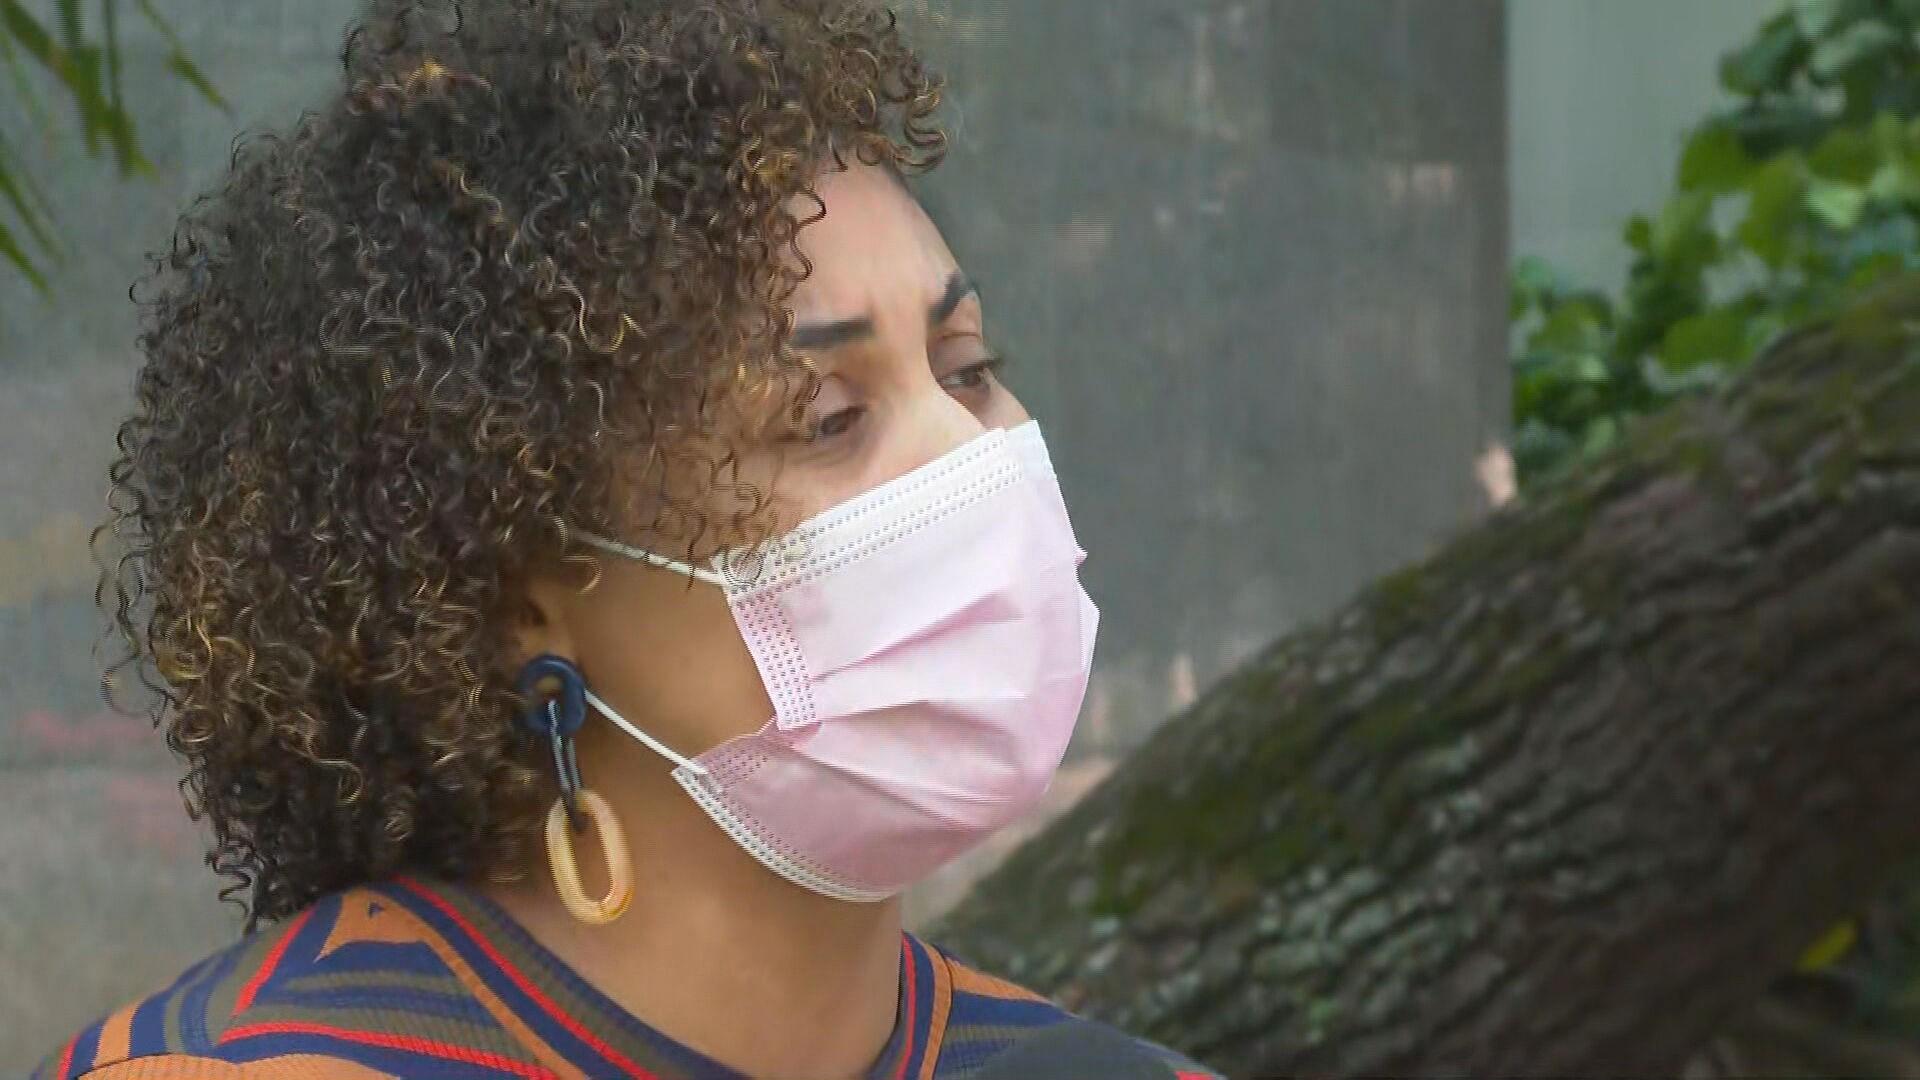 Dois anos após a morte de Ágatha Felix, mãe ainda aguarda julgamento de PM: 'Muita dor'